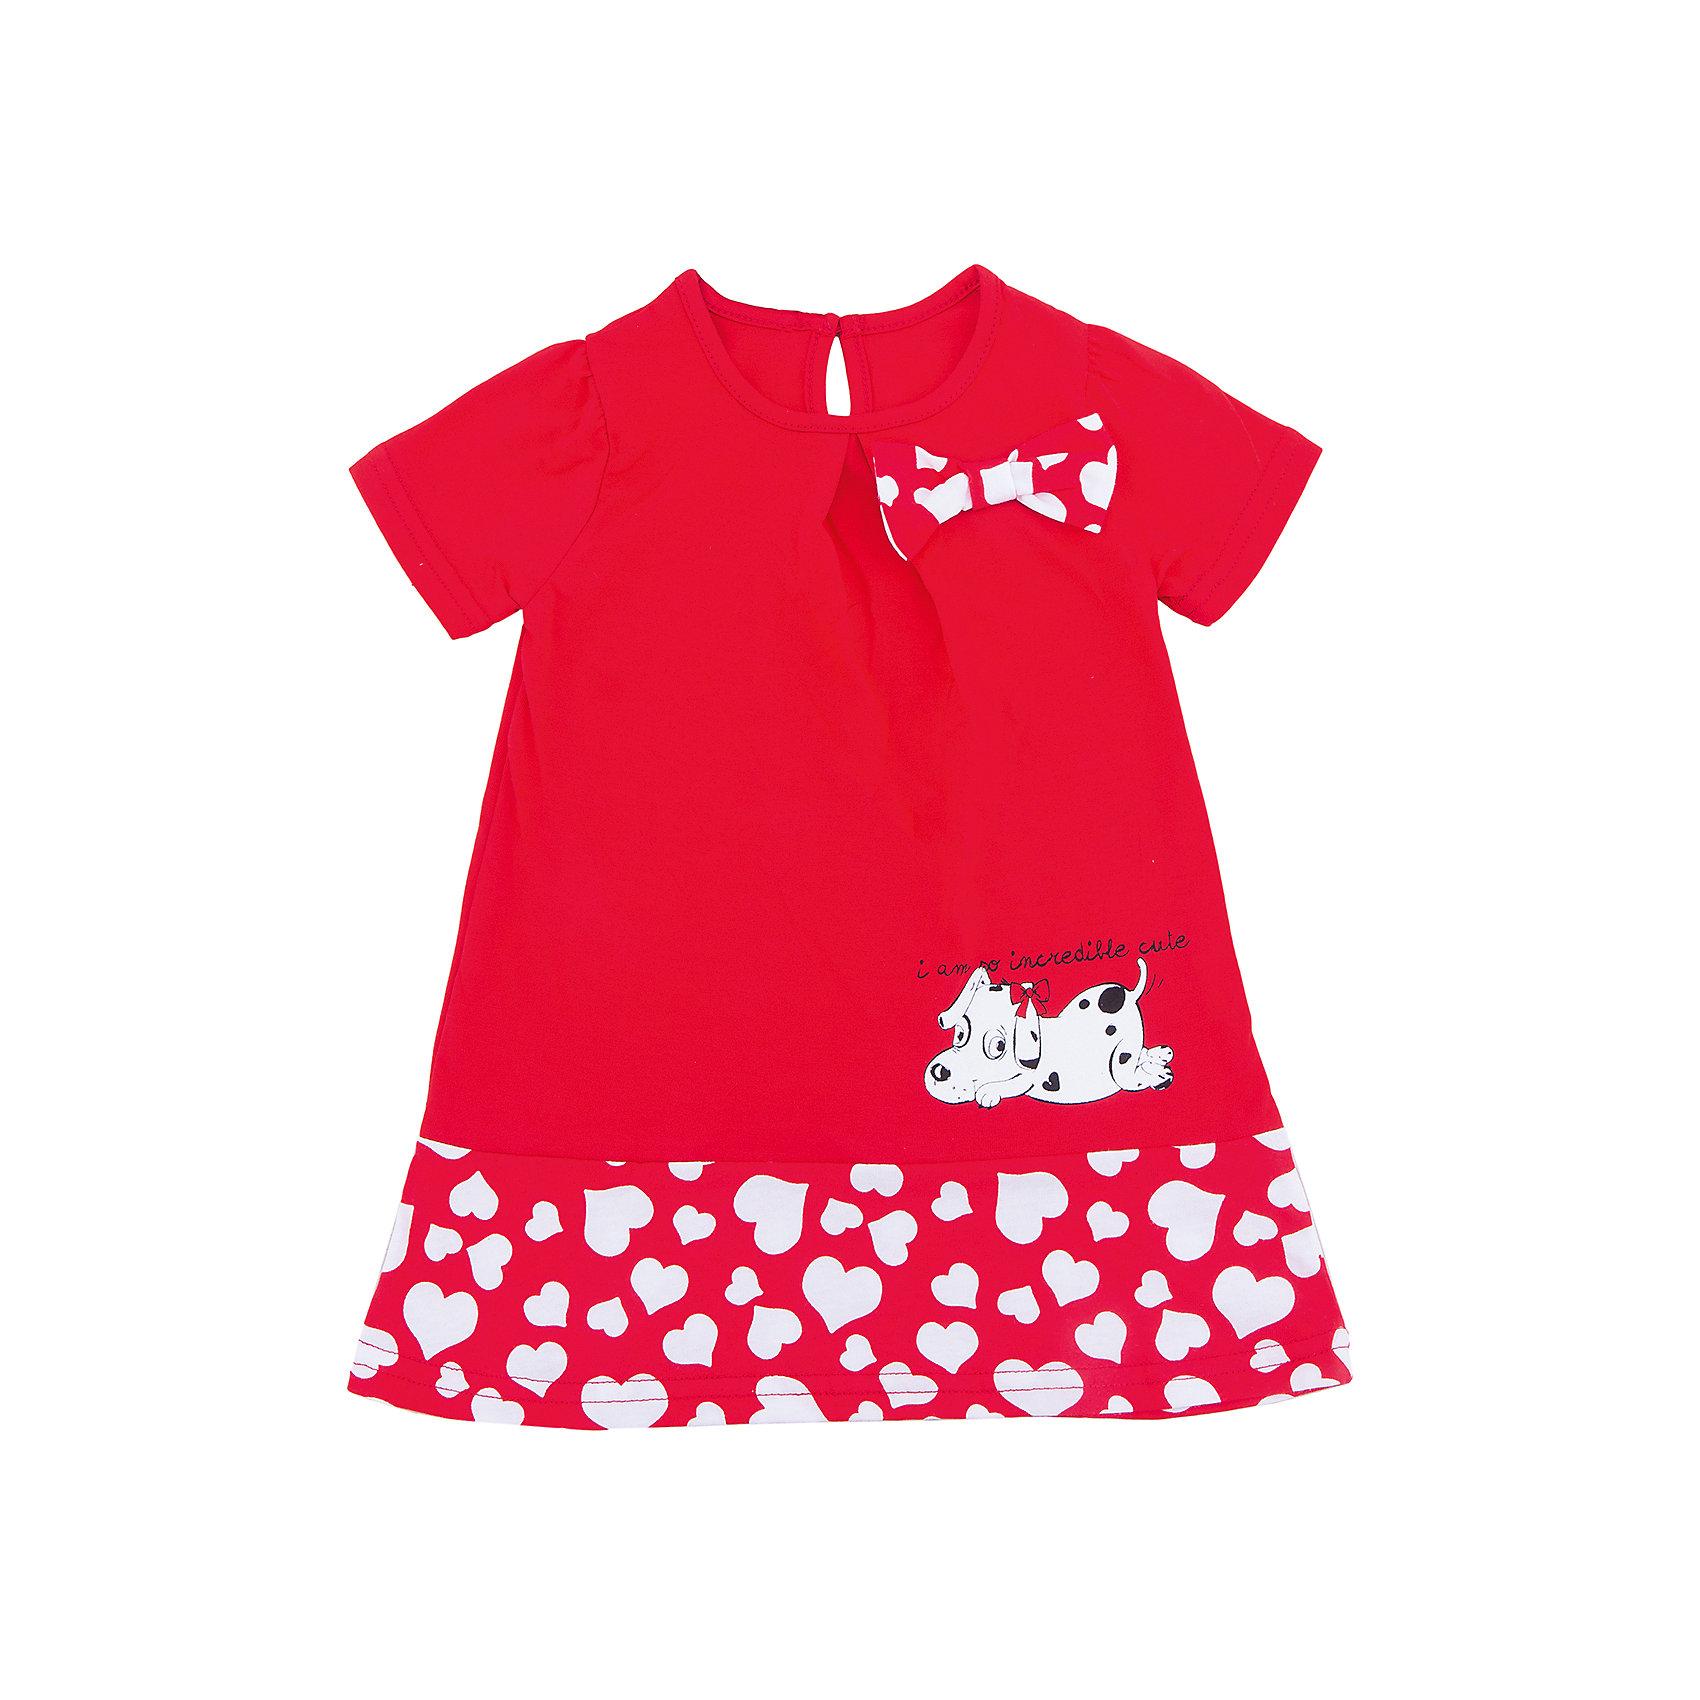 Платье для девочки АпрельПлатья и сарафаны<br>Характеристики товара:<br><br>• цвет: красный<br>• состав: 70% хлопок, 30% полиэстер<br>• короткие рукава<br>• округлый горловой вырез<br>• декорировано принтом<br>• бант<br>• застежка: пуговица<br>• комфортная посадка<br>• страна производитель: Российская Федерация<br>• страна бренда: Российская Федерация<br><br>Это симпатичное платье - удобная и универсальная вещь, которая поможет разнообразить гардероб ребенка. Она комфортно ощущается на теле, хорошо садится по детской фигуре. Изделие отлично сочетается с различной обувью. Материал преимущественно состоит из хлопка, который не вызывает аллергии и позволяет коже дышать.<br><br>Платье для девочки от известного бренда Апрель можно купить в нашем интернет-магазине.<br><br>Ширина мм: 236<br>Глубина мм: 16<br>Высота мм: 184<br>Вес г: 177<br>Цвет: красный<br>Возраст от месяцев: 60<br>Возраст до месяцев: 72<br>Пол: Женский<br>Возраст: Детский<br>Размер: 116,86,92,98,104,110<br>SKU: 5438468